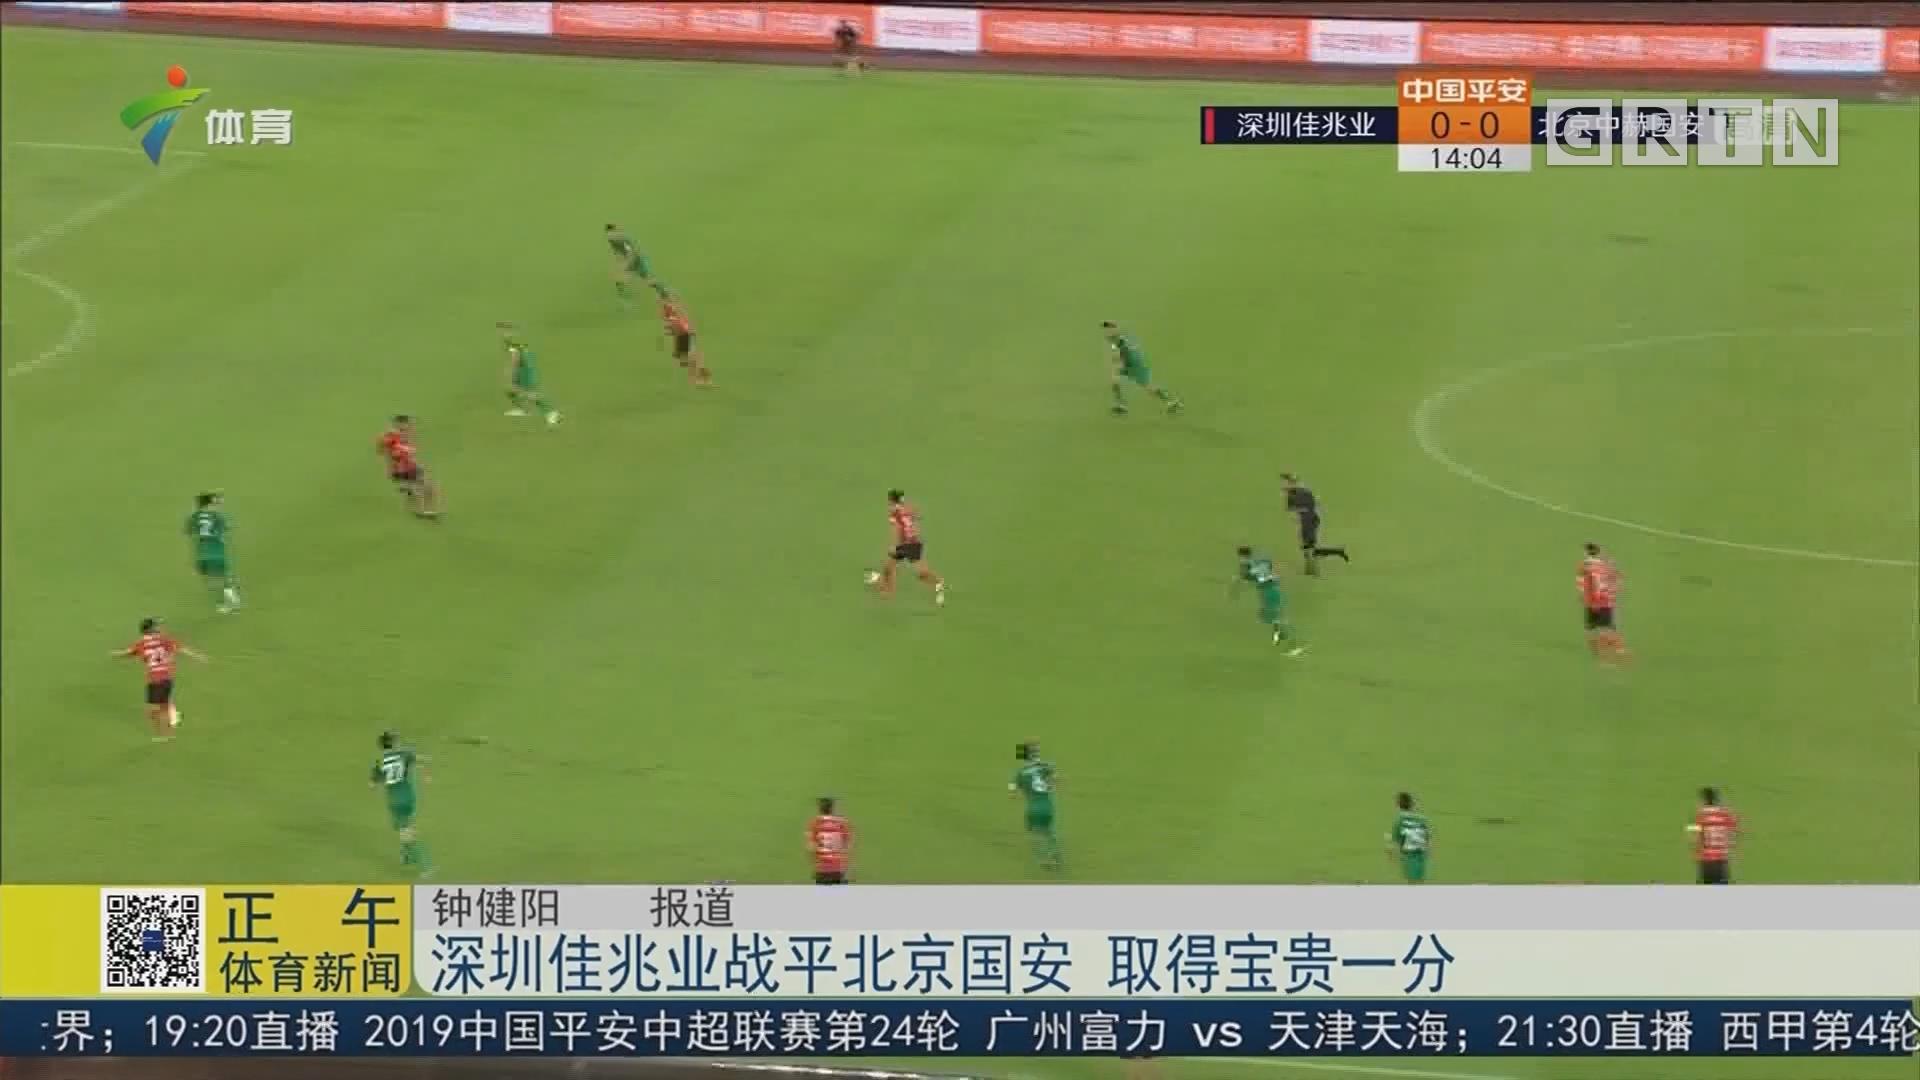 深圳佳兆业战平北京国安 取得宝贵一分